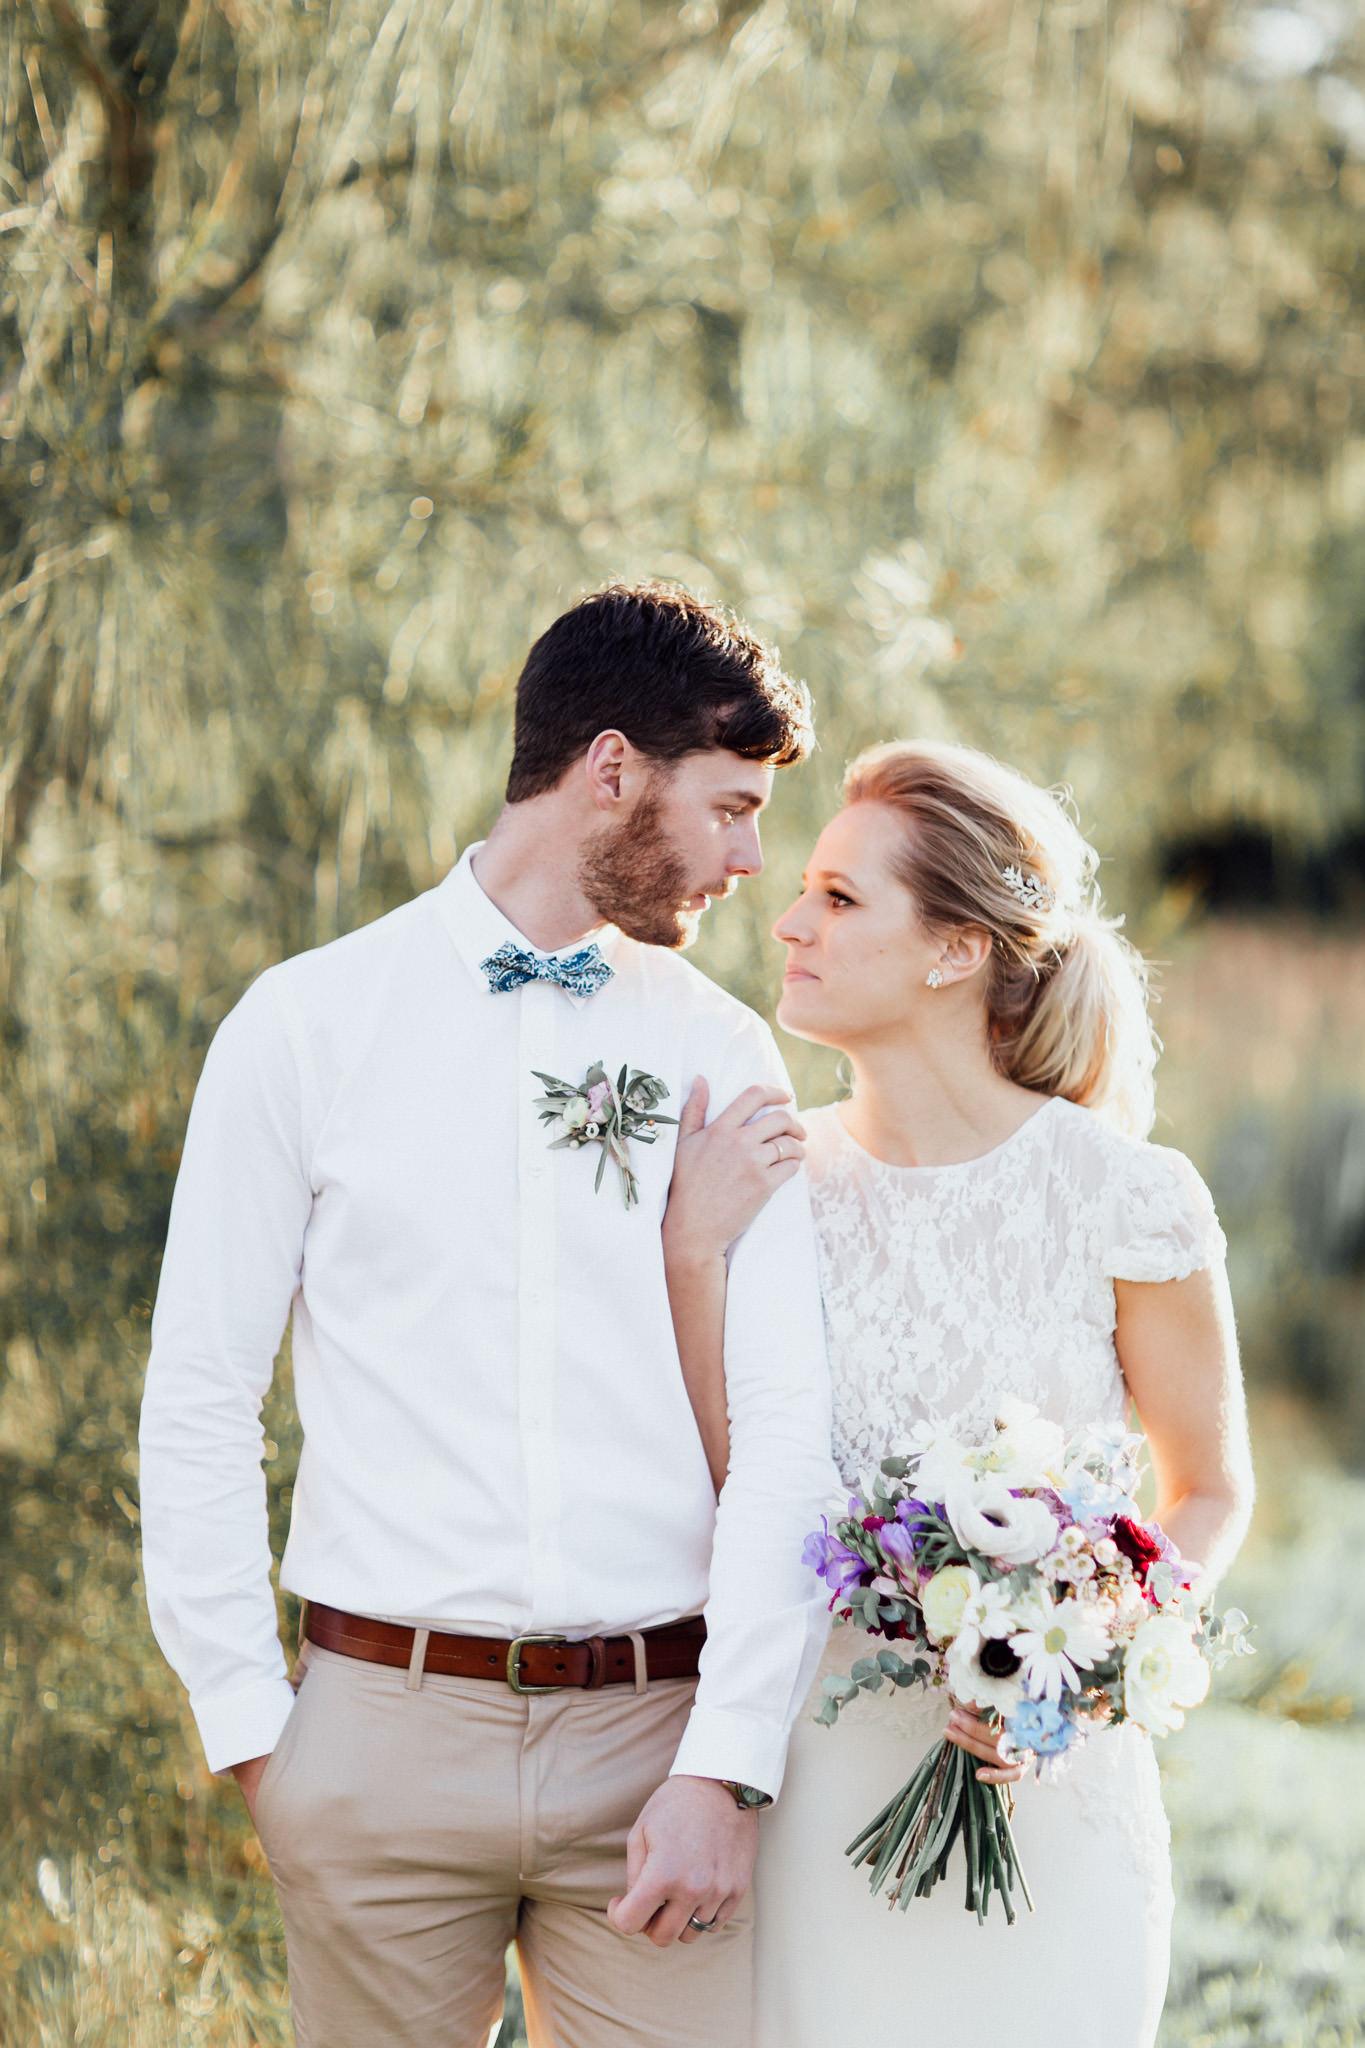 WeddingPhotos_Facebook_2048pixels-1664.jpg